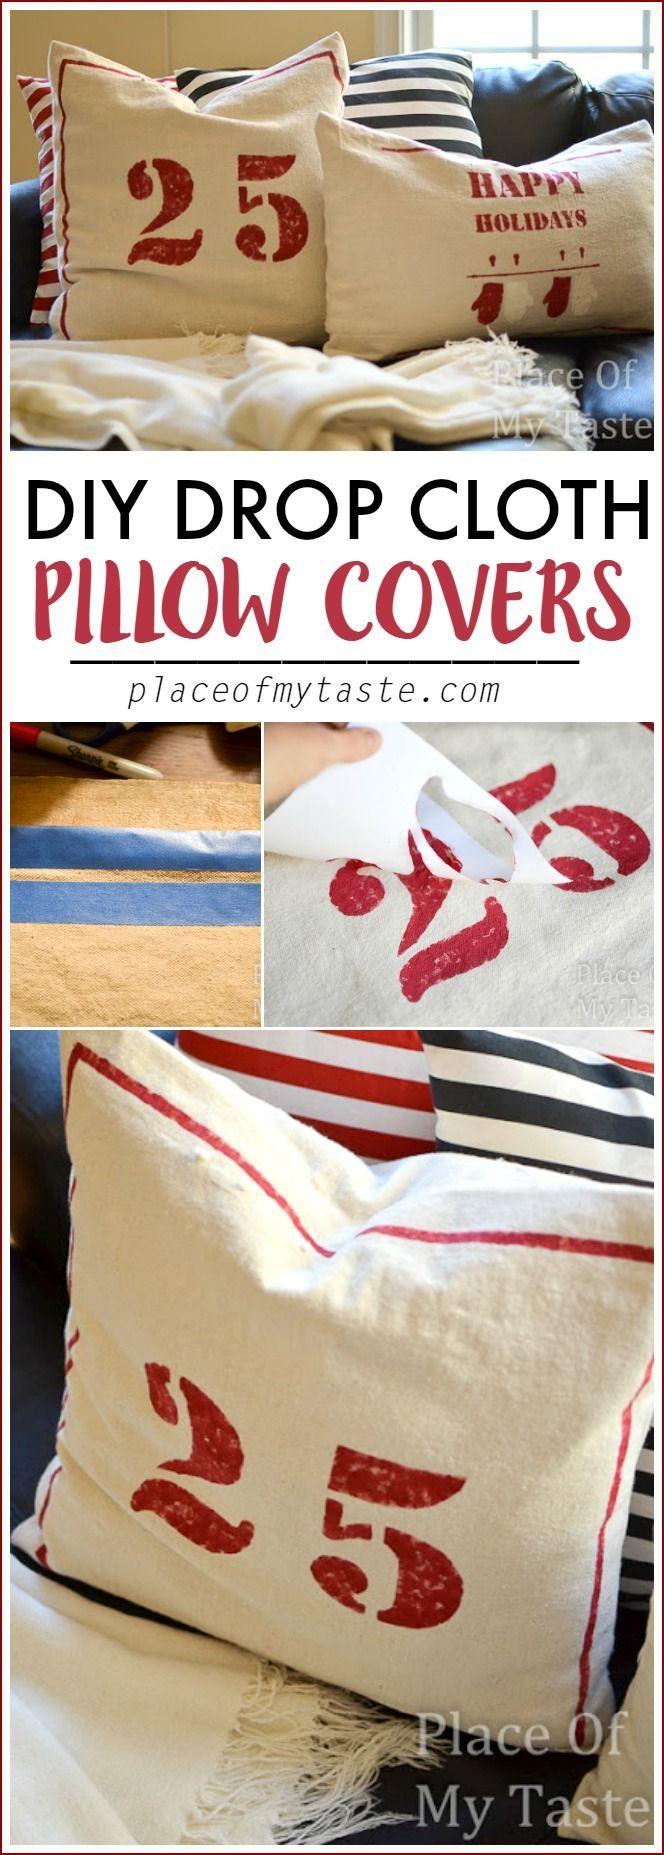 DIY DROP CLOTH PILLOW COVERS